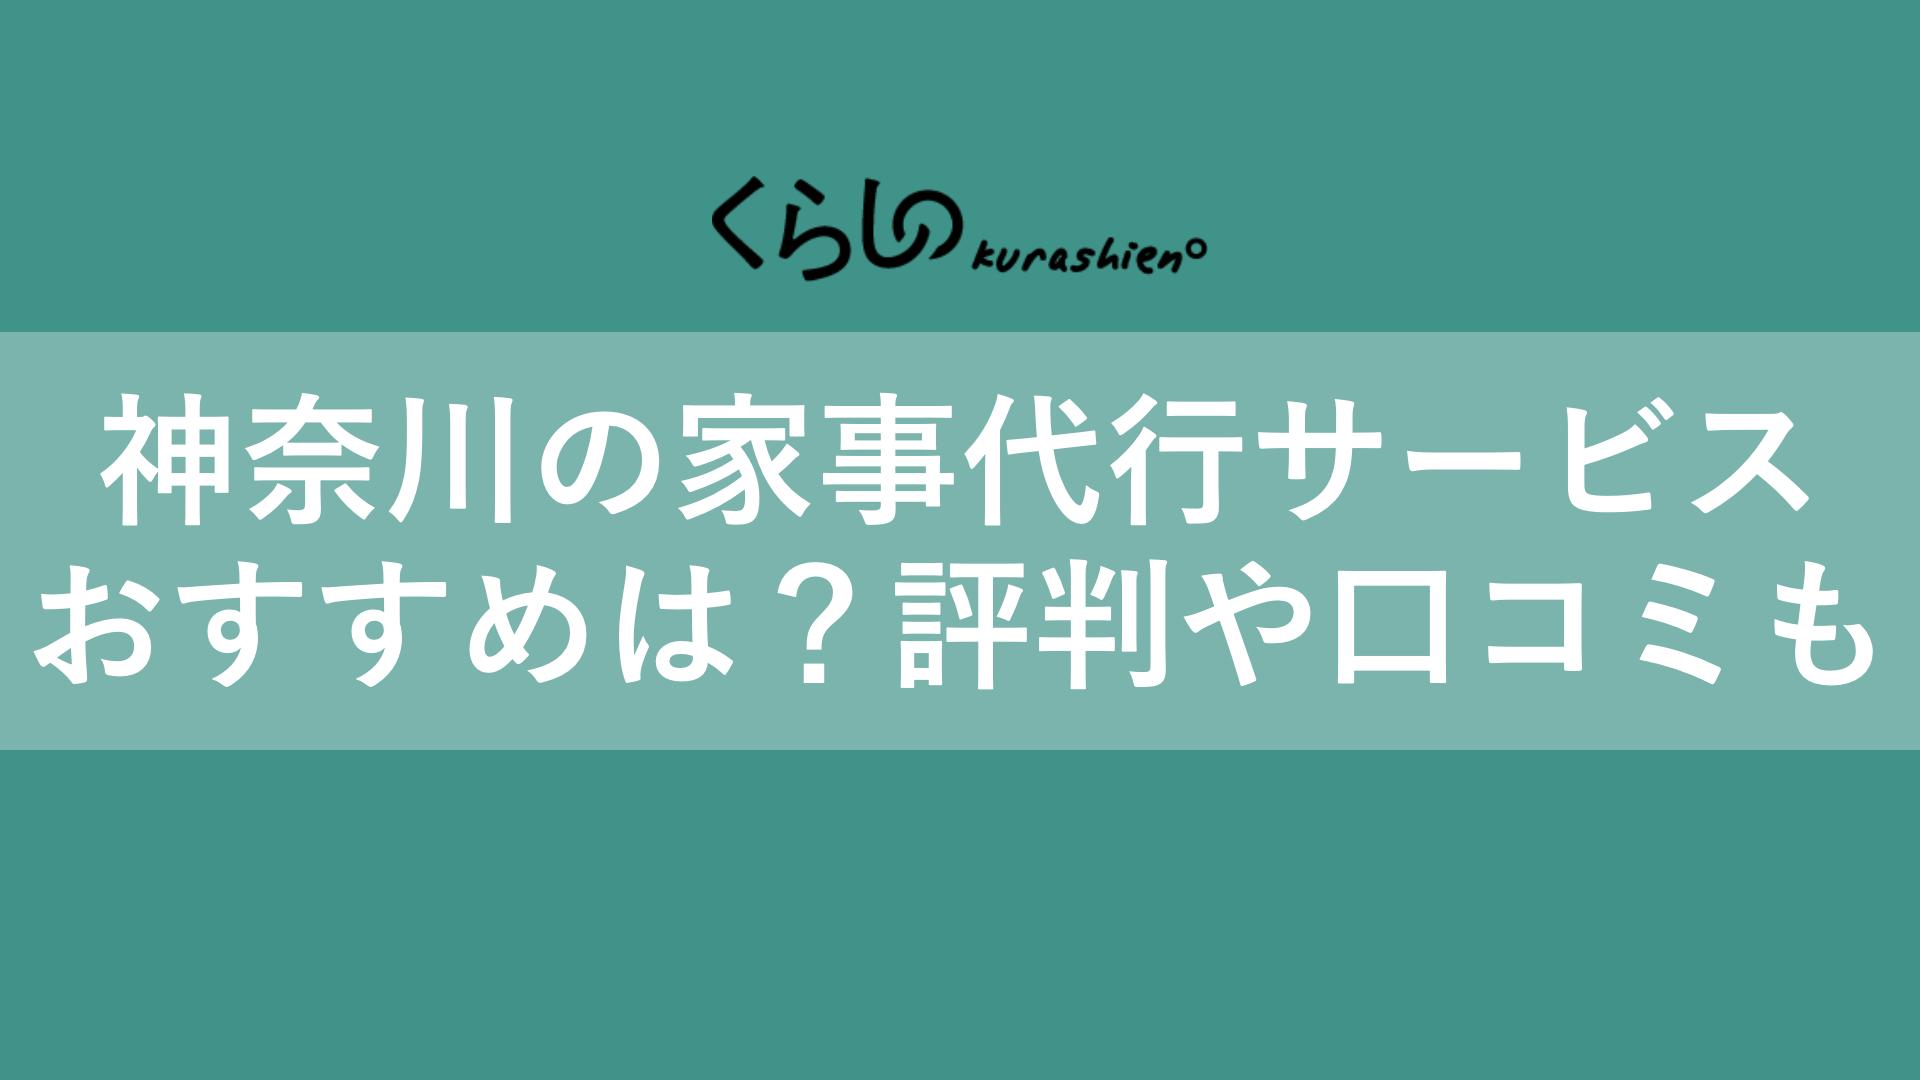 神奈川県の家事代行サービス徹底比較!おすすめは?地域密着型のサービスも